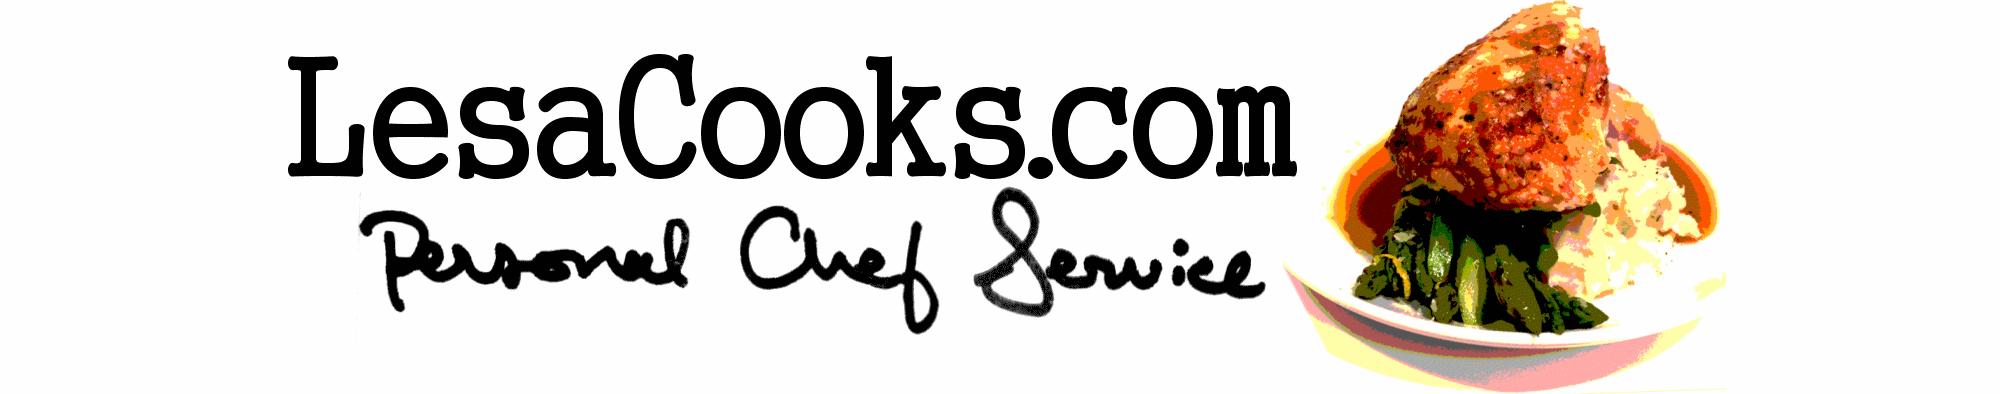 LesaCooks